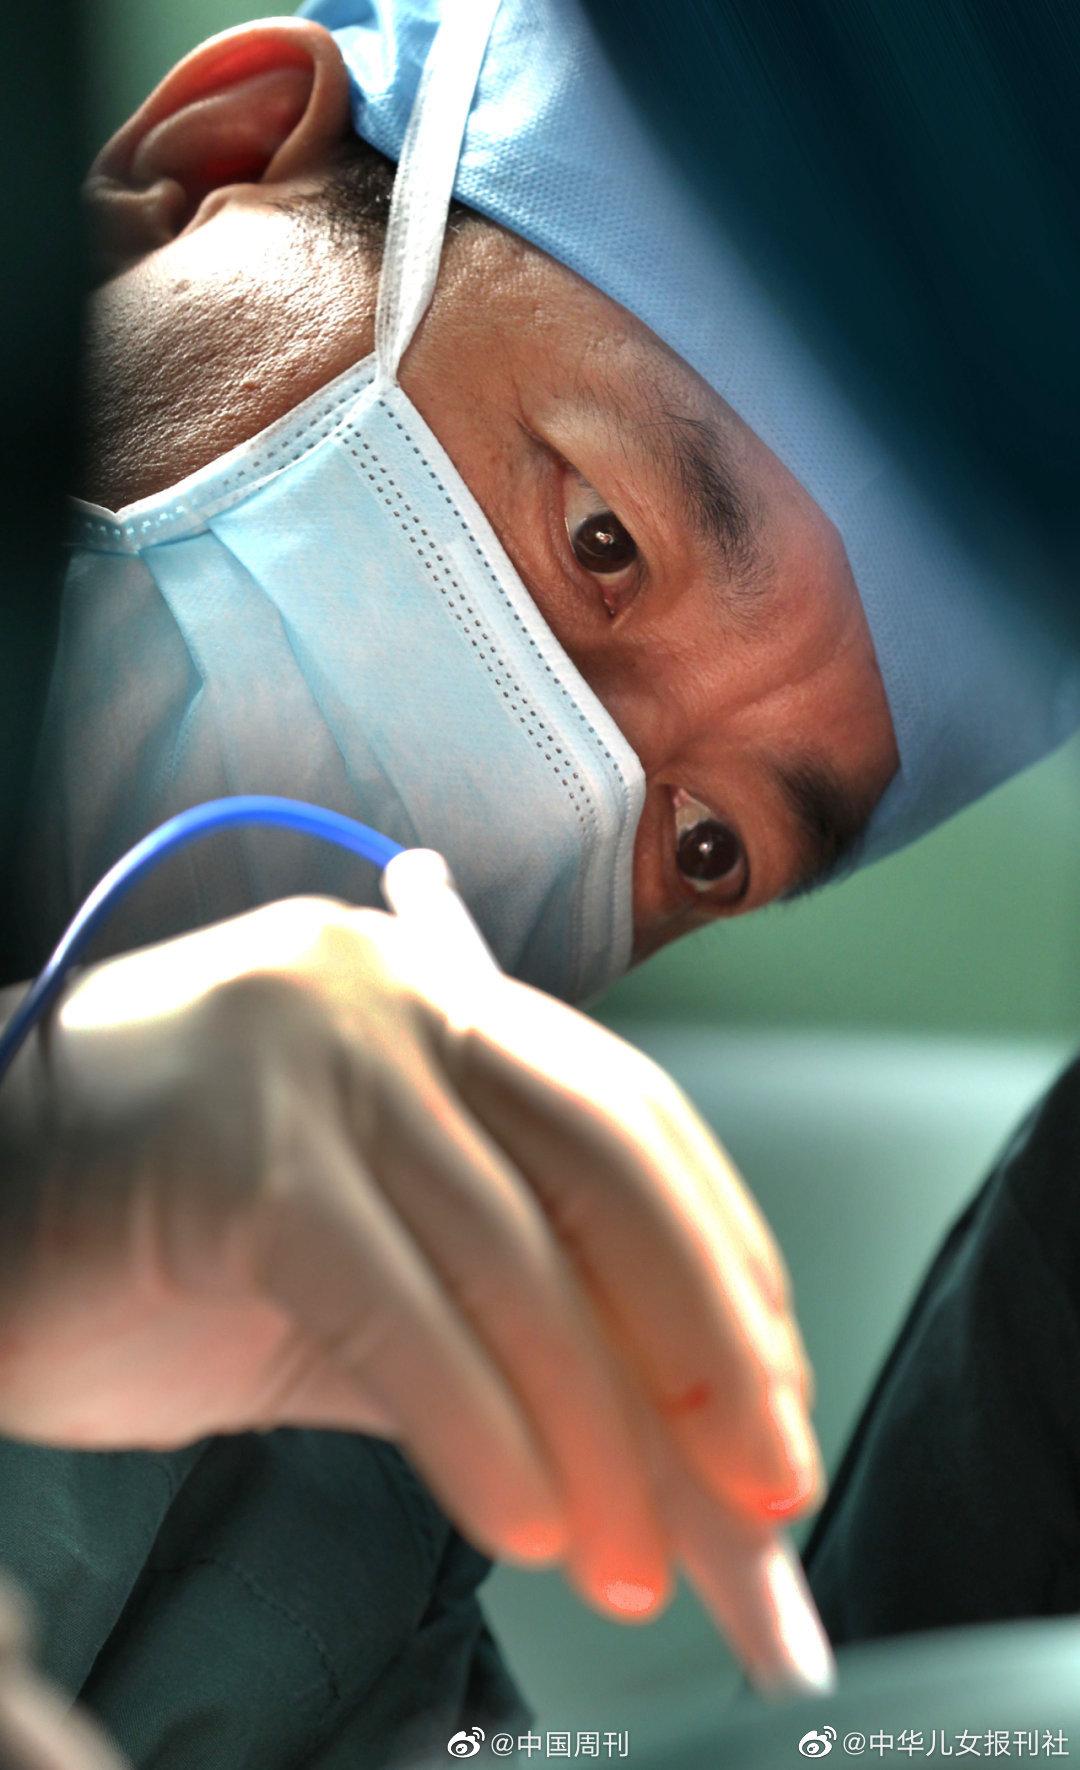 中国医学科学院肿瘤医院副院长、肝胆外科主任医师 蔡建强